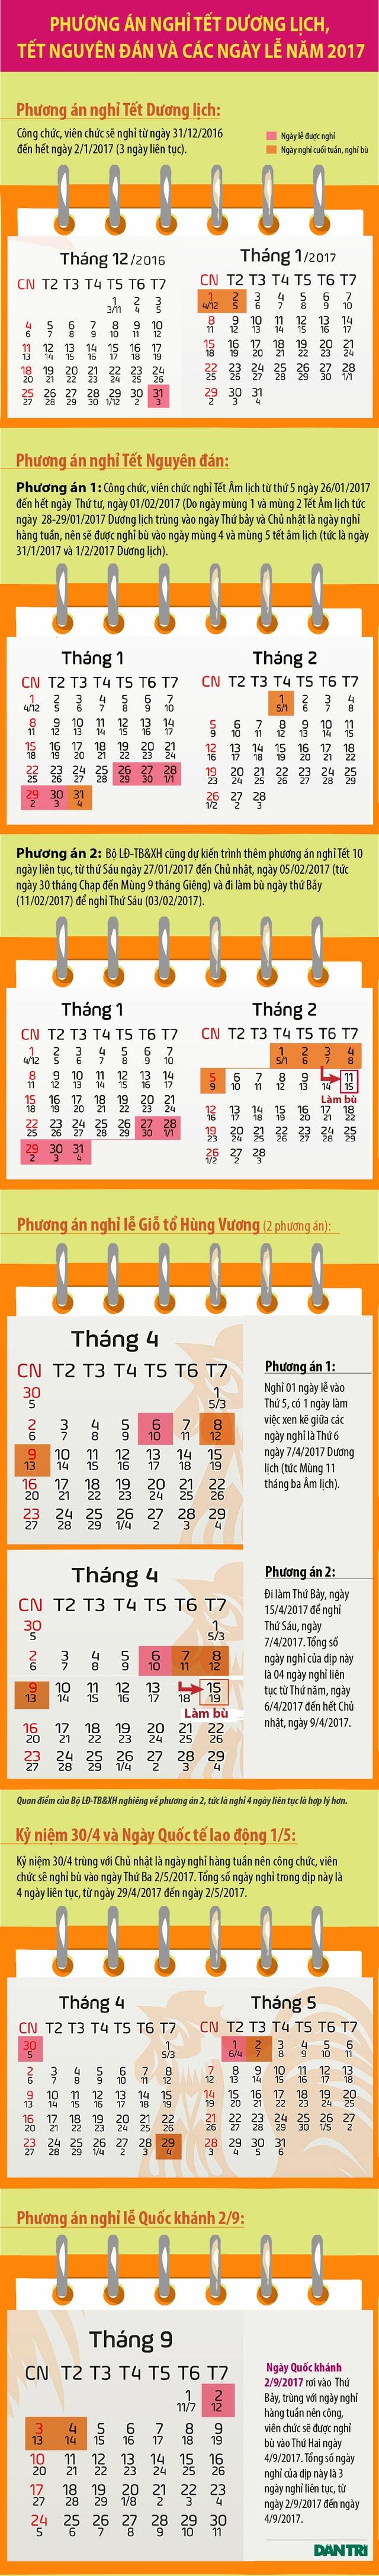 Infographics: Đề xuất lịch nghỉ Tết, Giỗ Tổ Hùng Vương và Quốc khánh 2/9 năm 2017 - 1